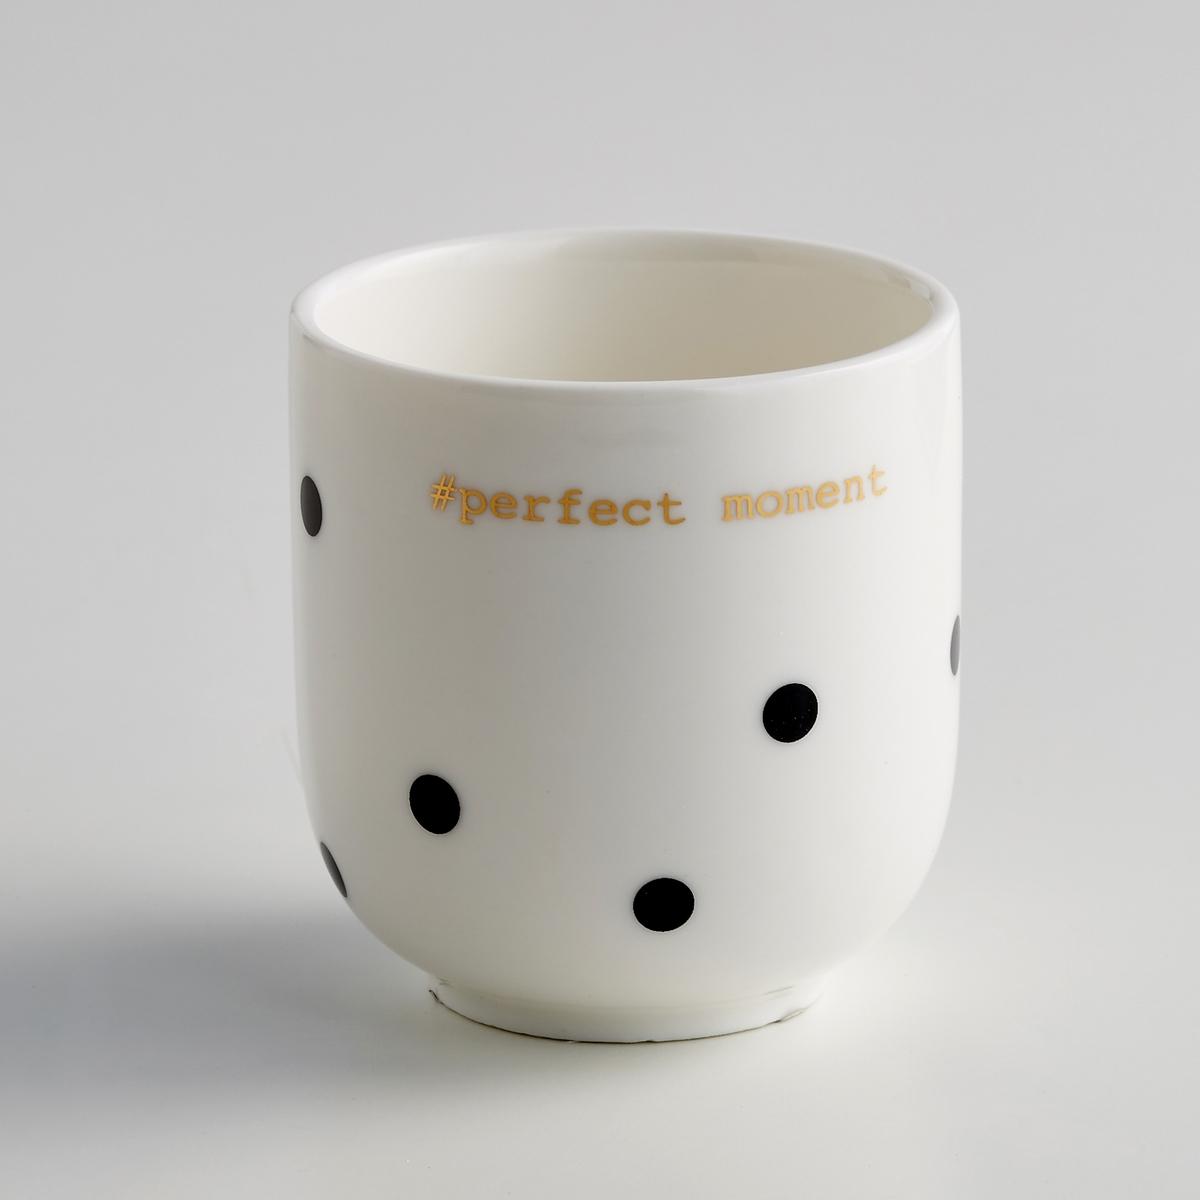 4 кружки для эспрессо из фарфора, KublerХарактеристики 4 кружек для эспрессо из фарфора, Kubler Kubler  :- Чашки для эспрессо из фарфора  - Диаметр : 6 см.- Высота : 7 см- Объем : 150 мл - Подходят для мытья в посудомоечной машине- Не подходят для микроволновой печи  - Продаются в комплекте из 4 штук Найдите комплект посуды Kubler на нашем сайте laredoute.ru<br><br>Цвет: в горошек черный/фон белый<br>Размер: единый размер